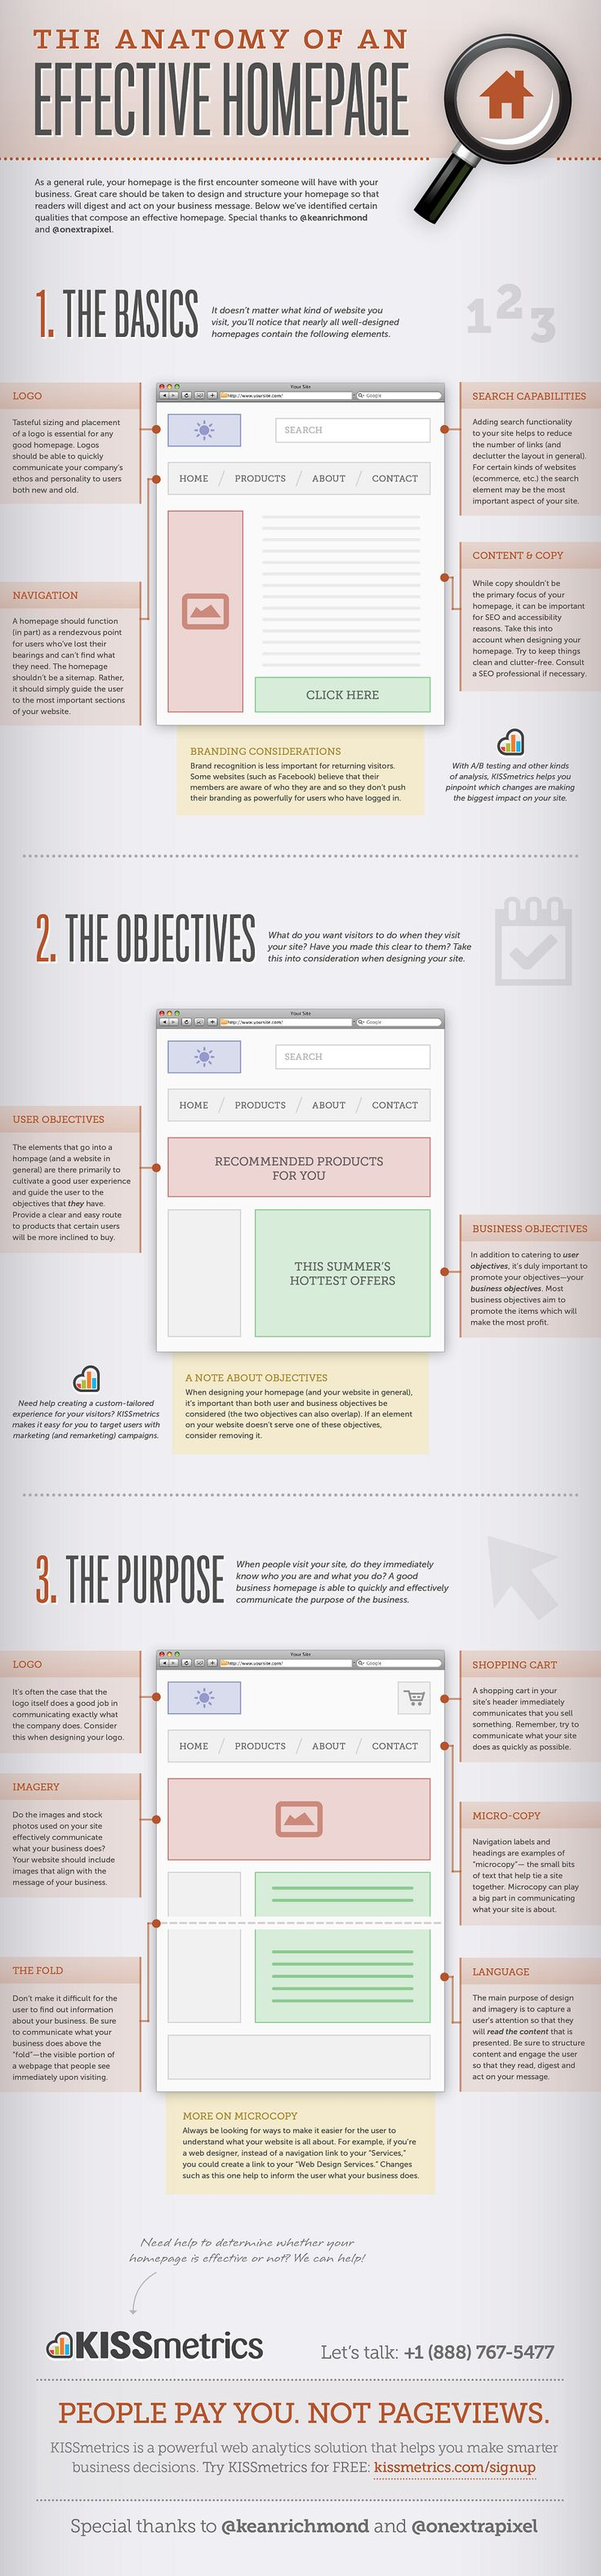 """""""Homepage"""" ist so ein niedliches Wort - ich persönlich spreche immer gern von """"Website"""". Das liegt daran, dass ich das Wort """"Homepage"""" einfach nicht mehr angem"""